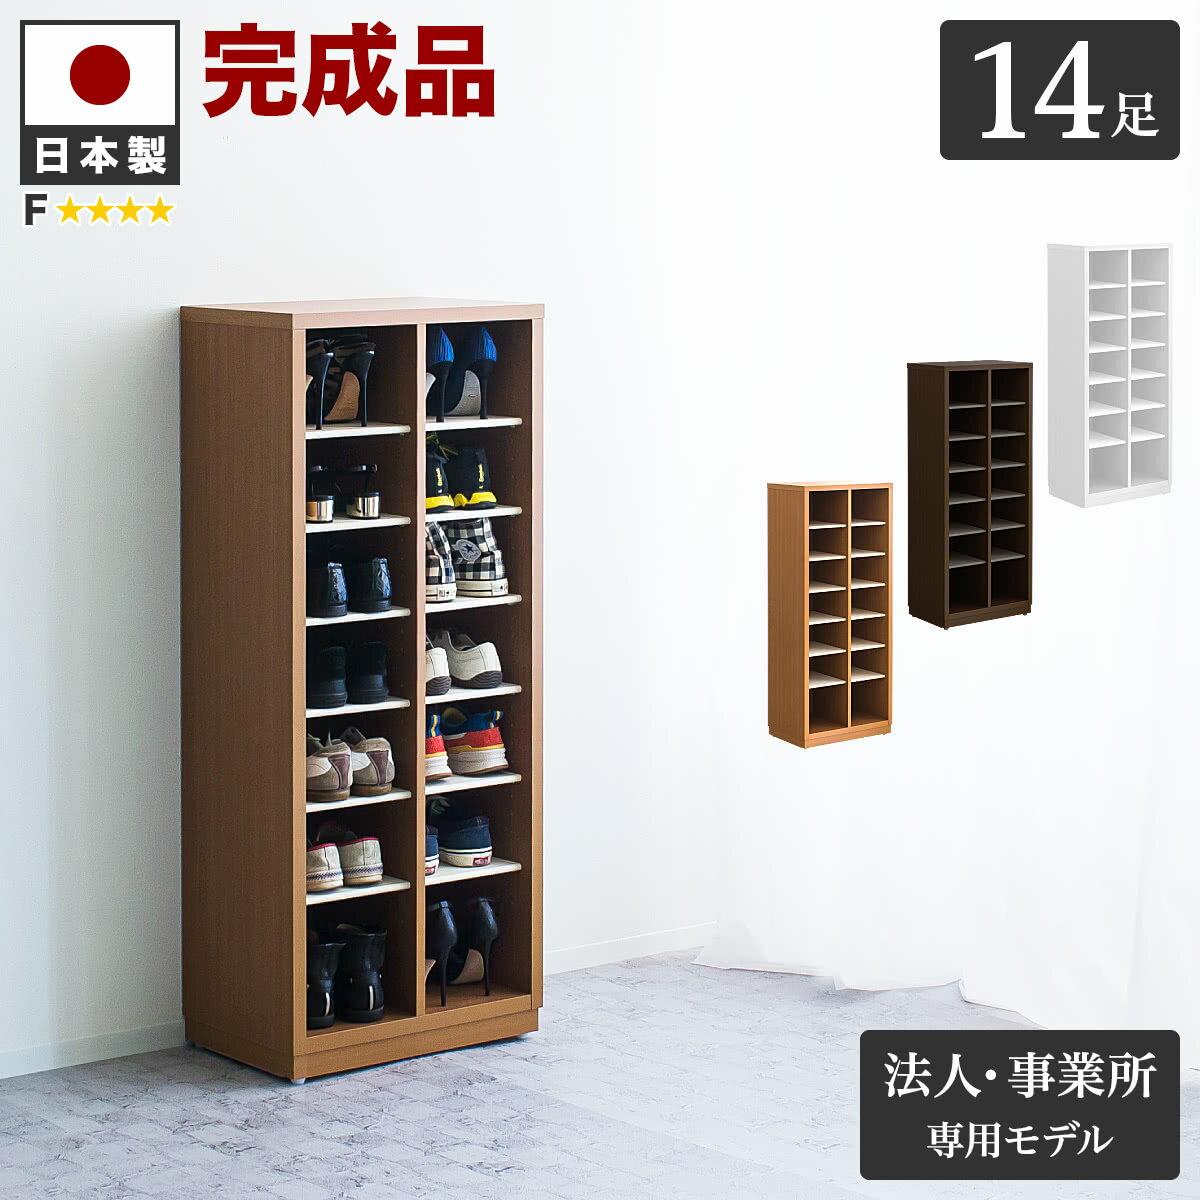 シューズボックス オープン 業務用 幅520×高さ1200 14足 完成品 下駄箱 シューズラック 靴箱 フォースター エフフォー 大容量 日本製 送料無料 新生活